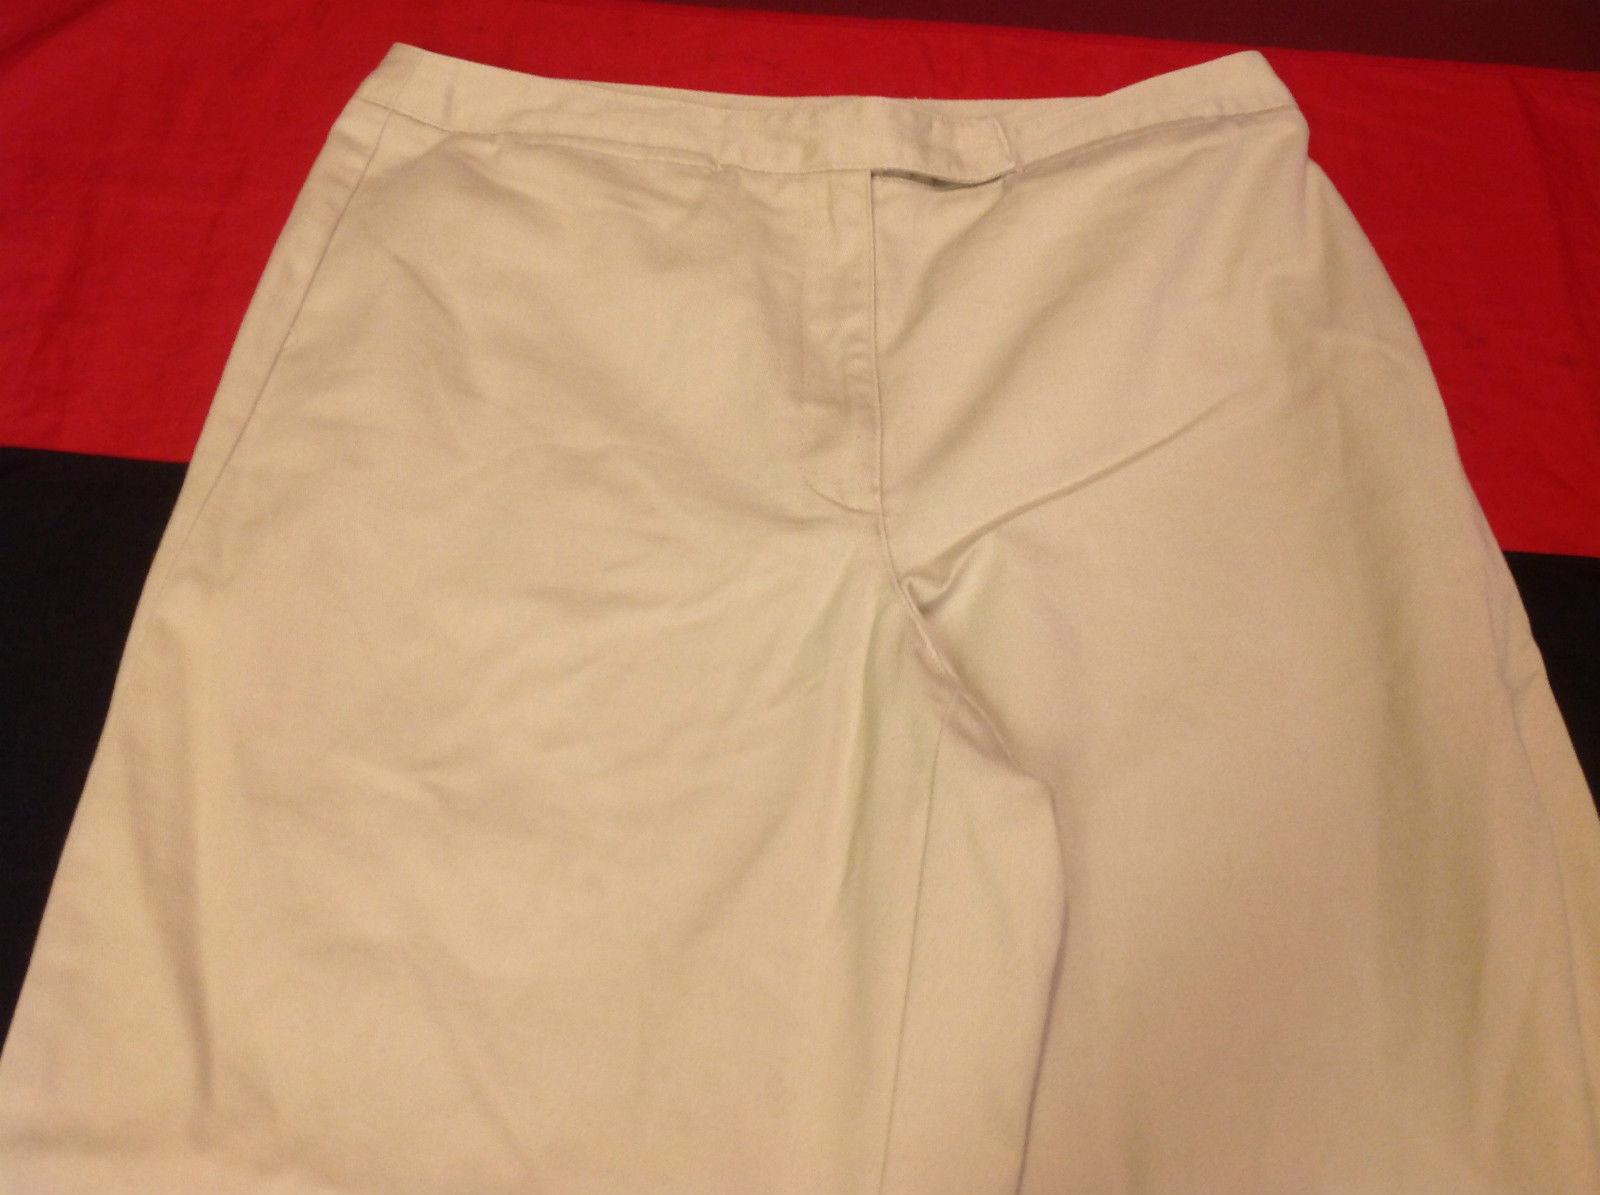 Liz Claiborne Audra Womens Khaki Light Brown Casual Pants Size 12